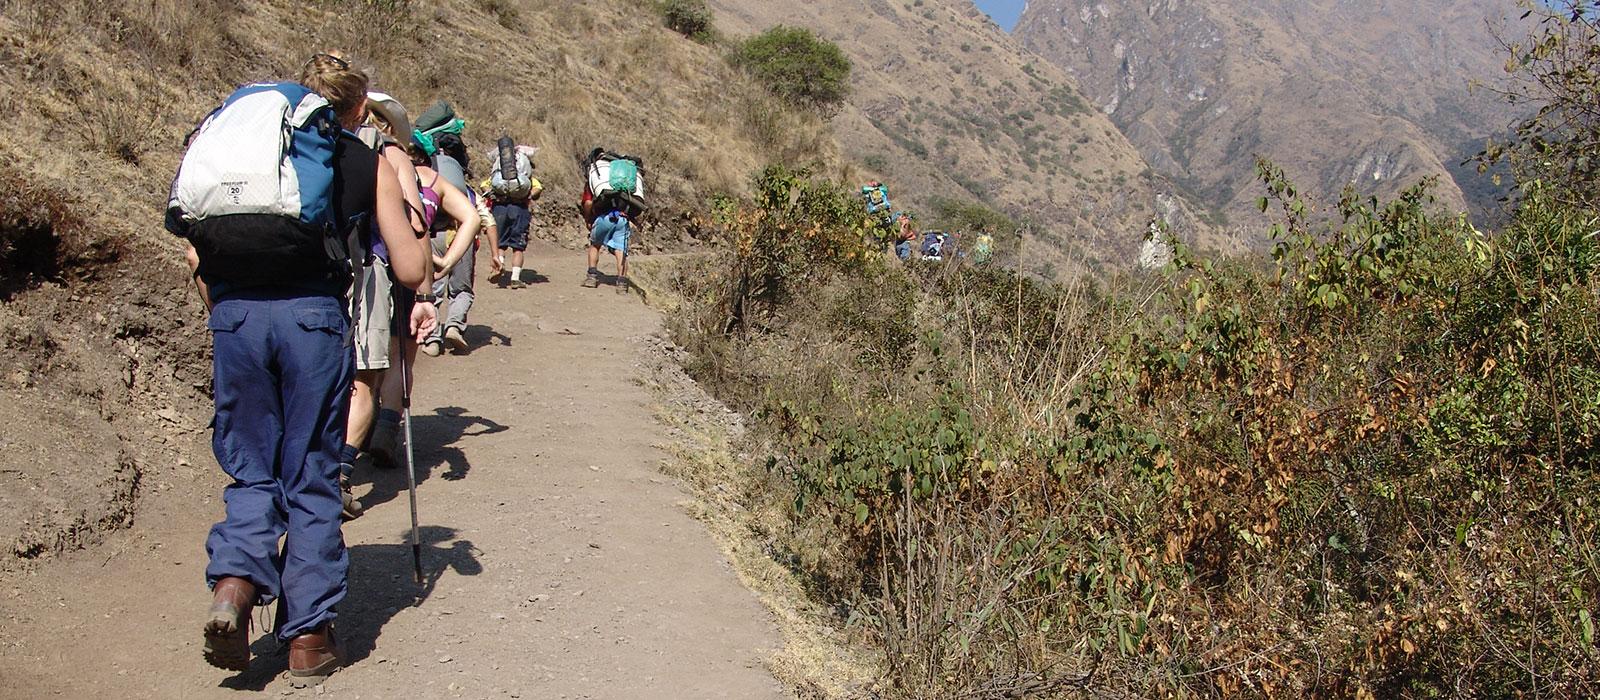 Camino Inca 4 Días / 3 noches - Wayllabamba